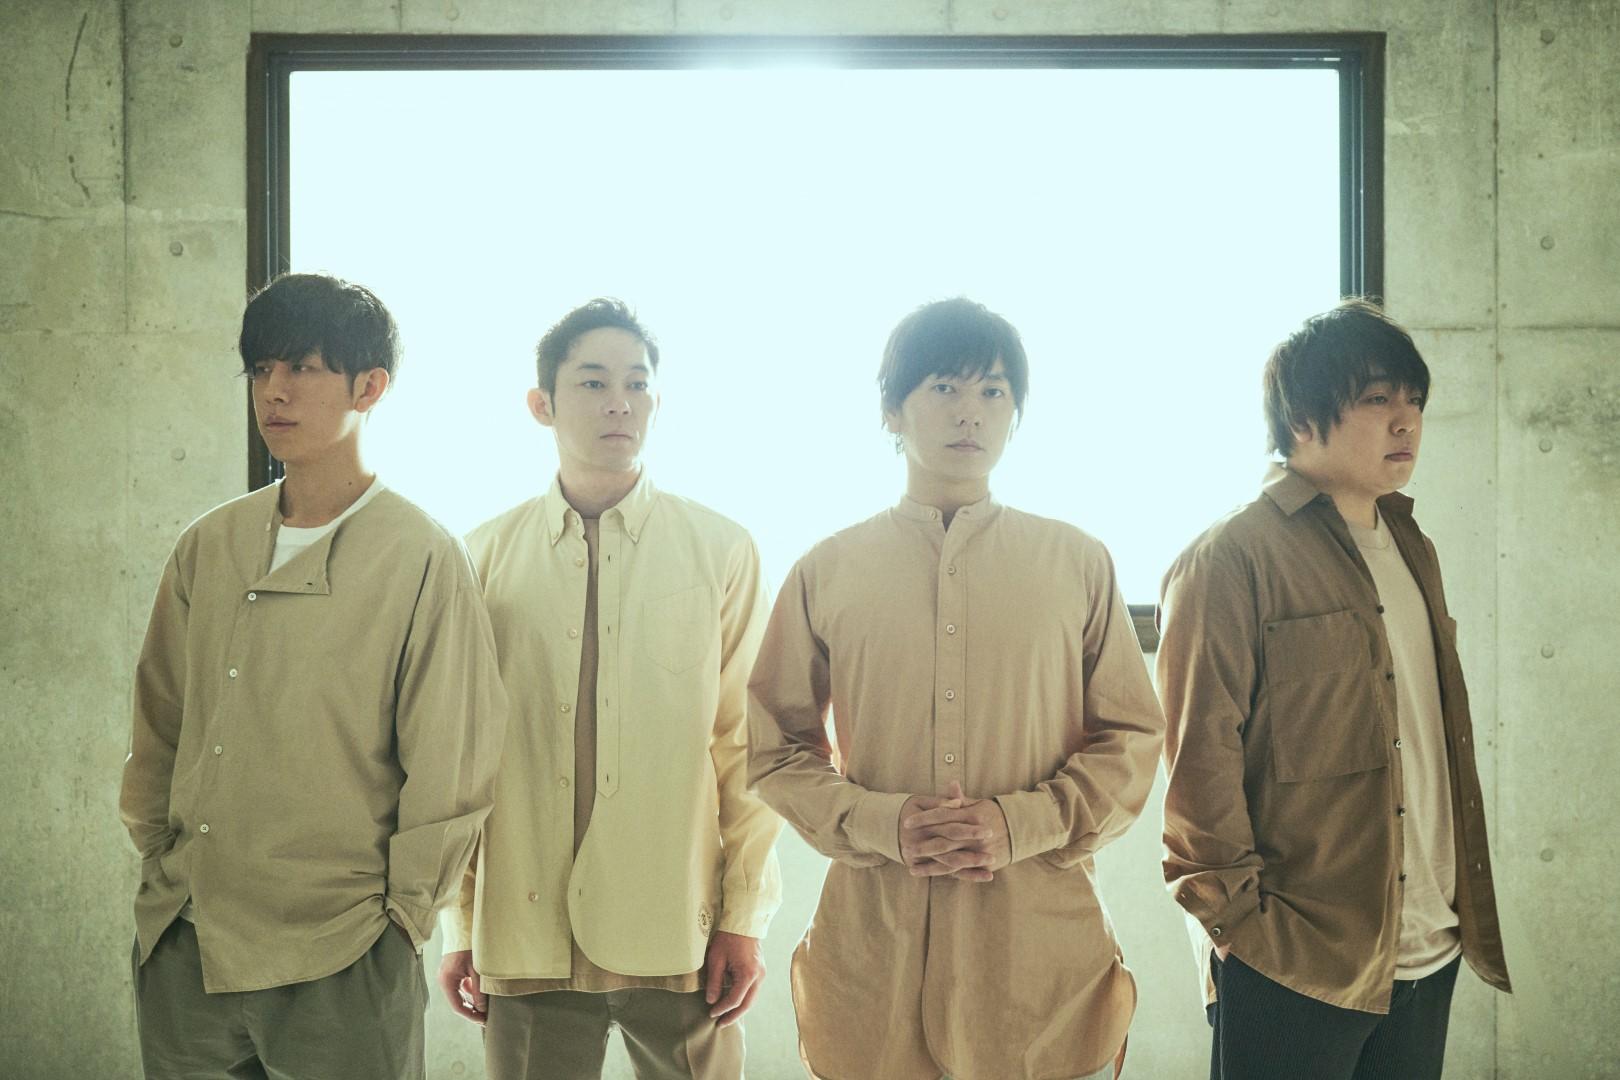 flumpool 10th Tour「Real」 (愛知県 愛知県芸術劇場大ホール) | flumpool